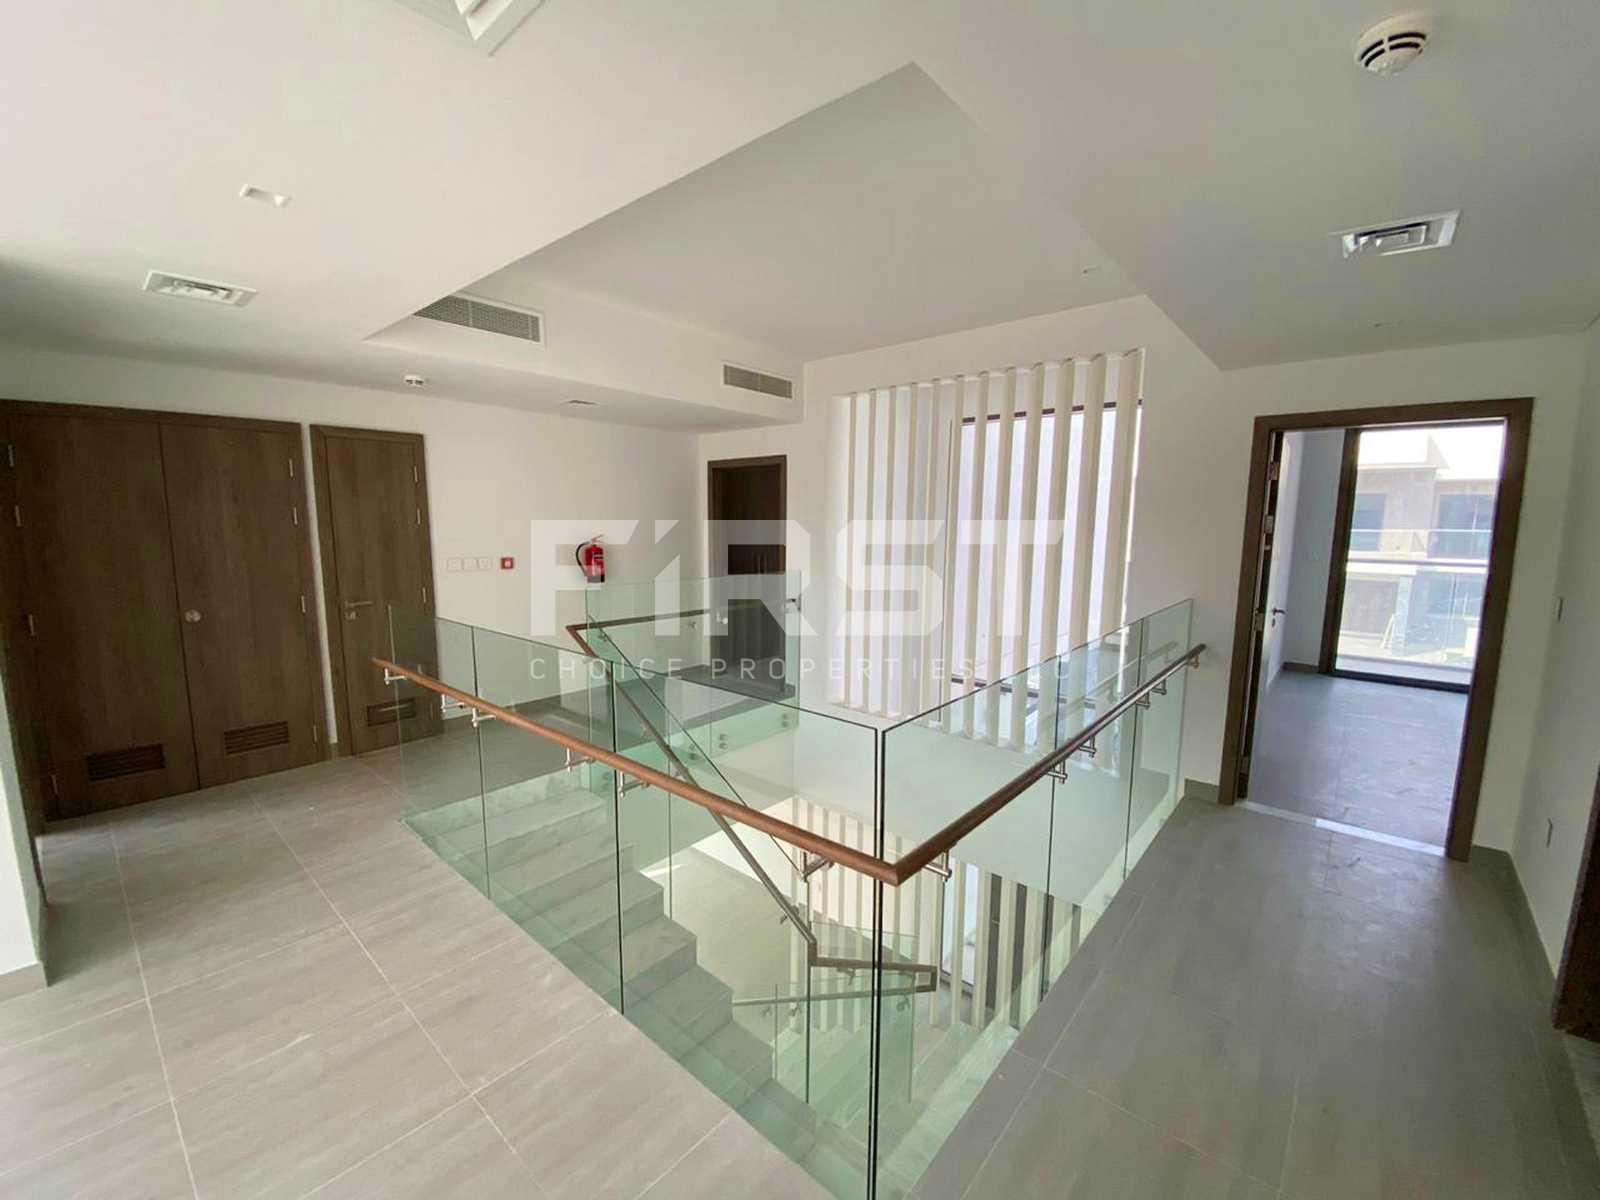 External Photo of 4 Bedroom Duplex Type 4Y in Yas Acres Yas Island AUH UAE (10).jpg